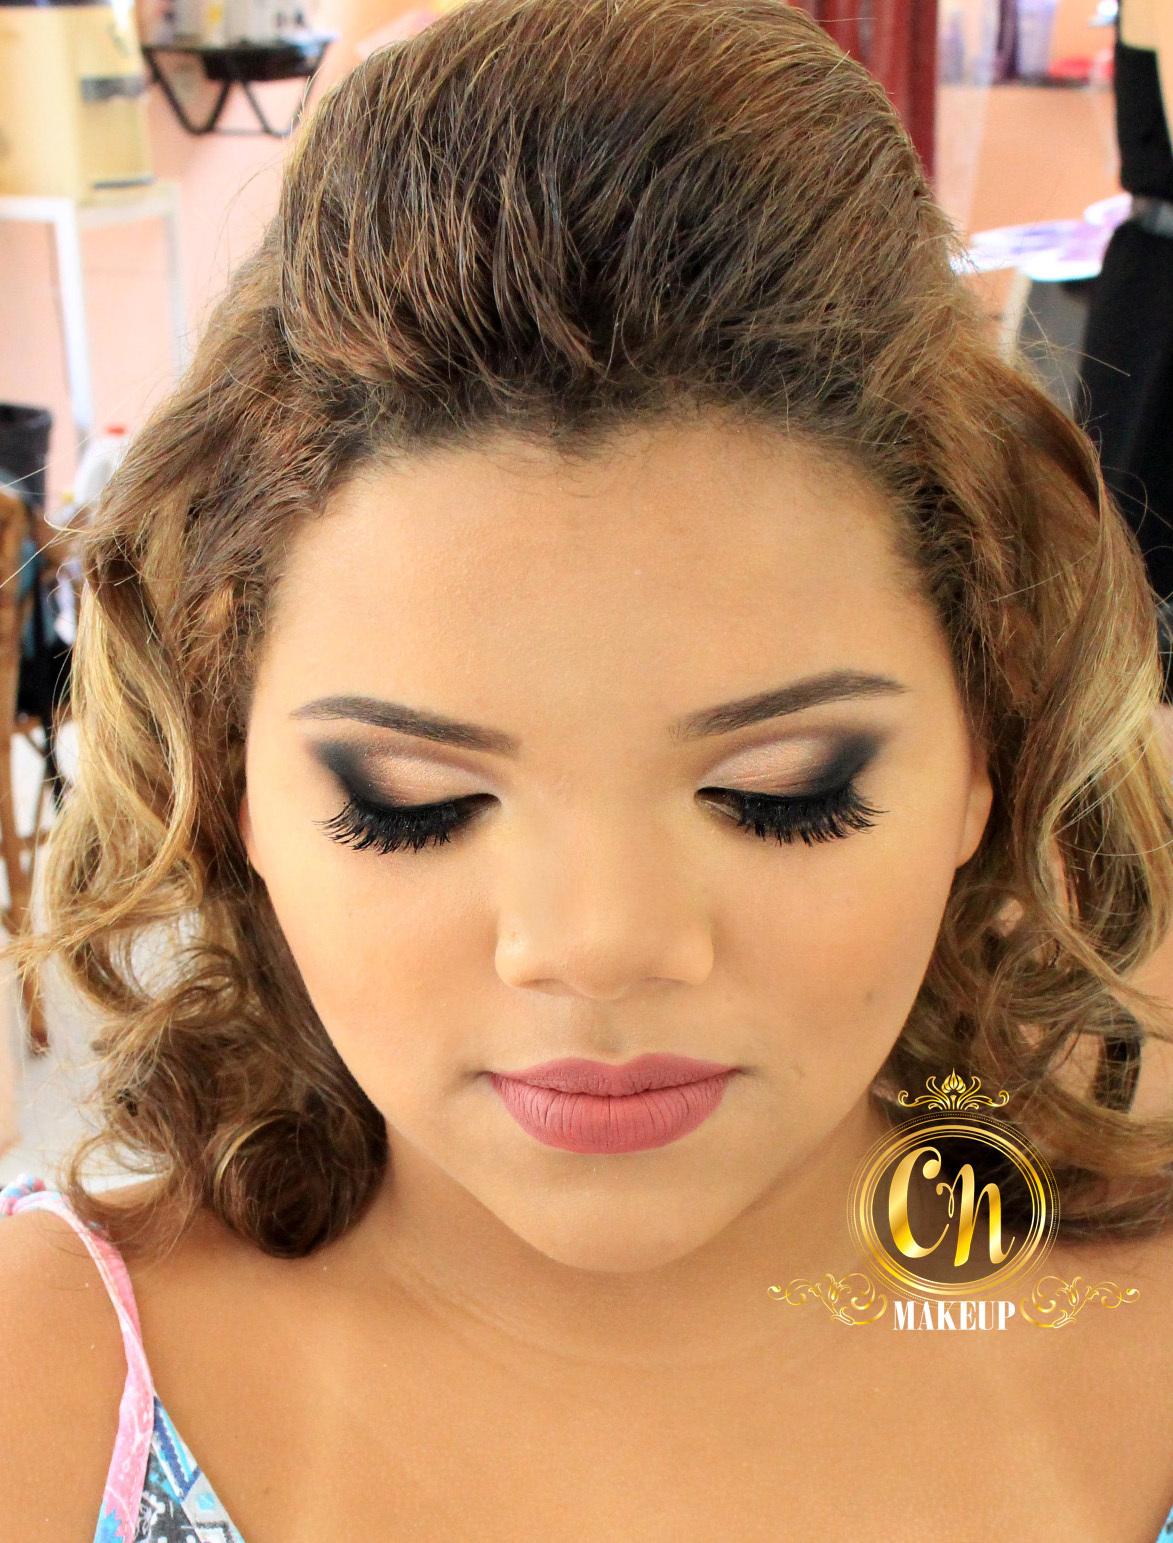 Maquiagem para essa formanda linda! . #maquiagem #maquiagempro #makeupartist #mua #maquiadoraubatuba #maquiagemformatura #formanda #makeup #makeuppro #maquiagemneutra #batomescuro #darklipstick #maquiadora maquiagem maquiador(a)